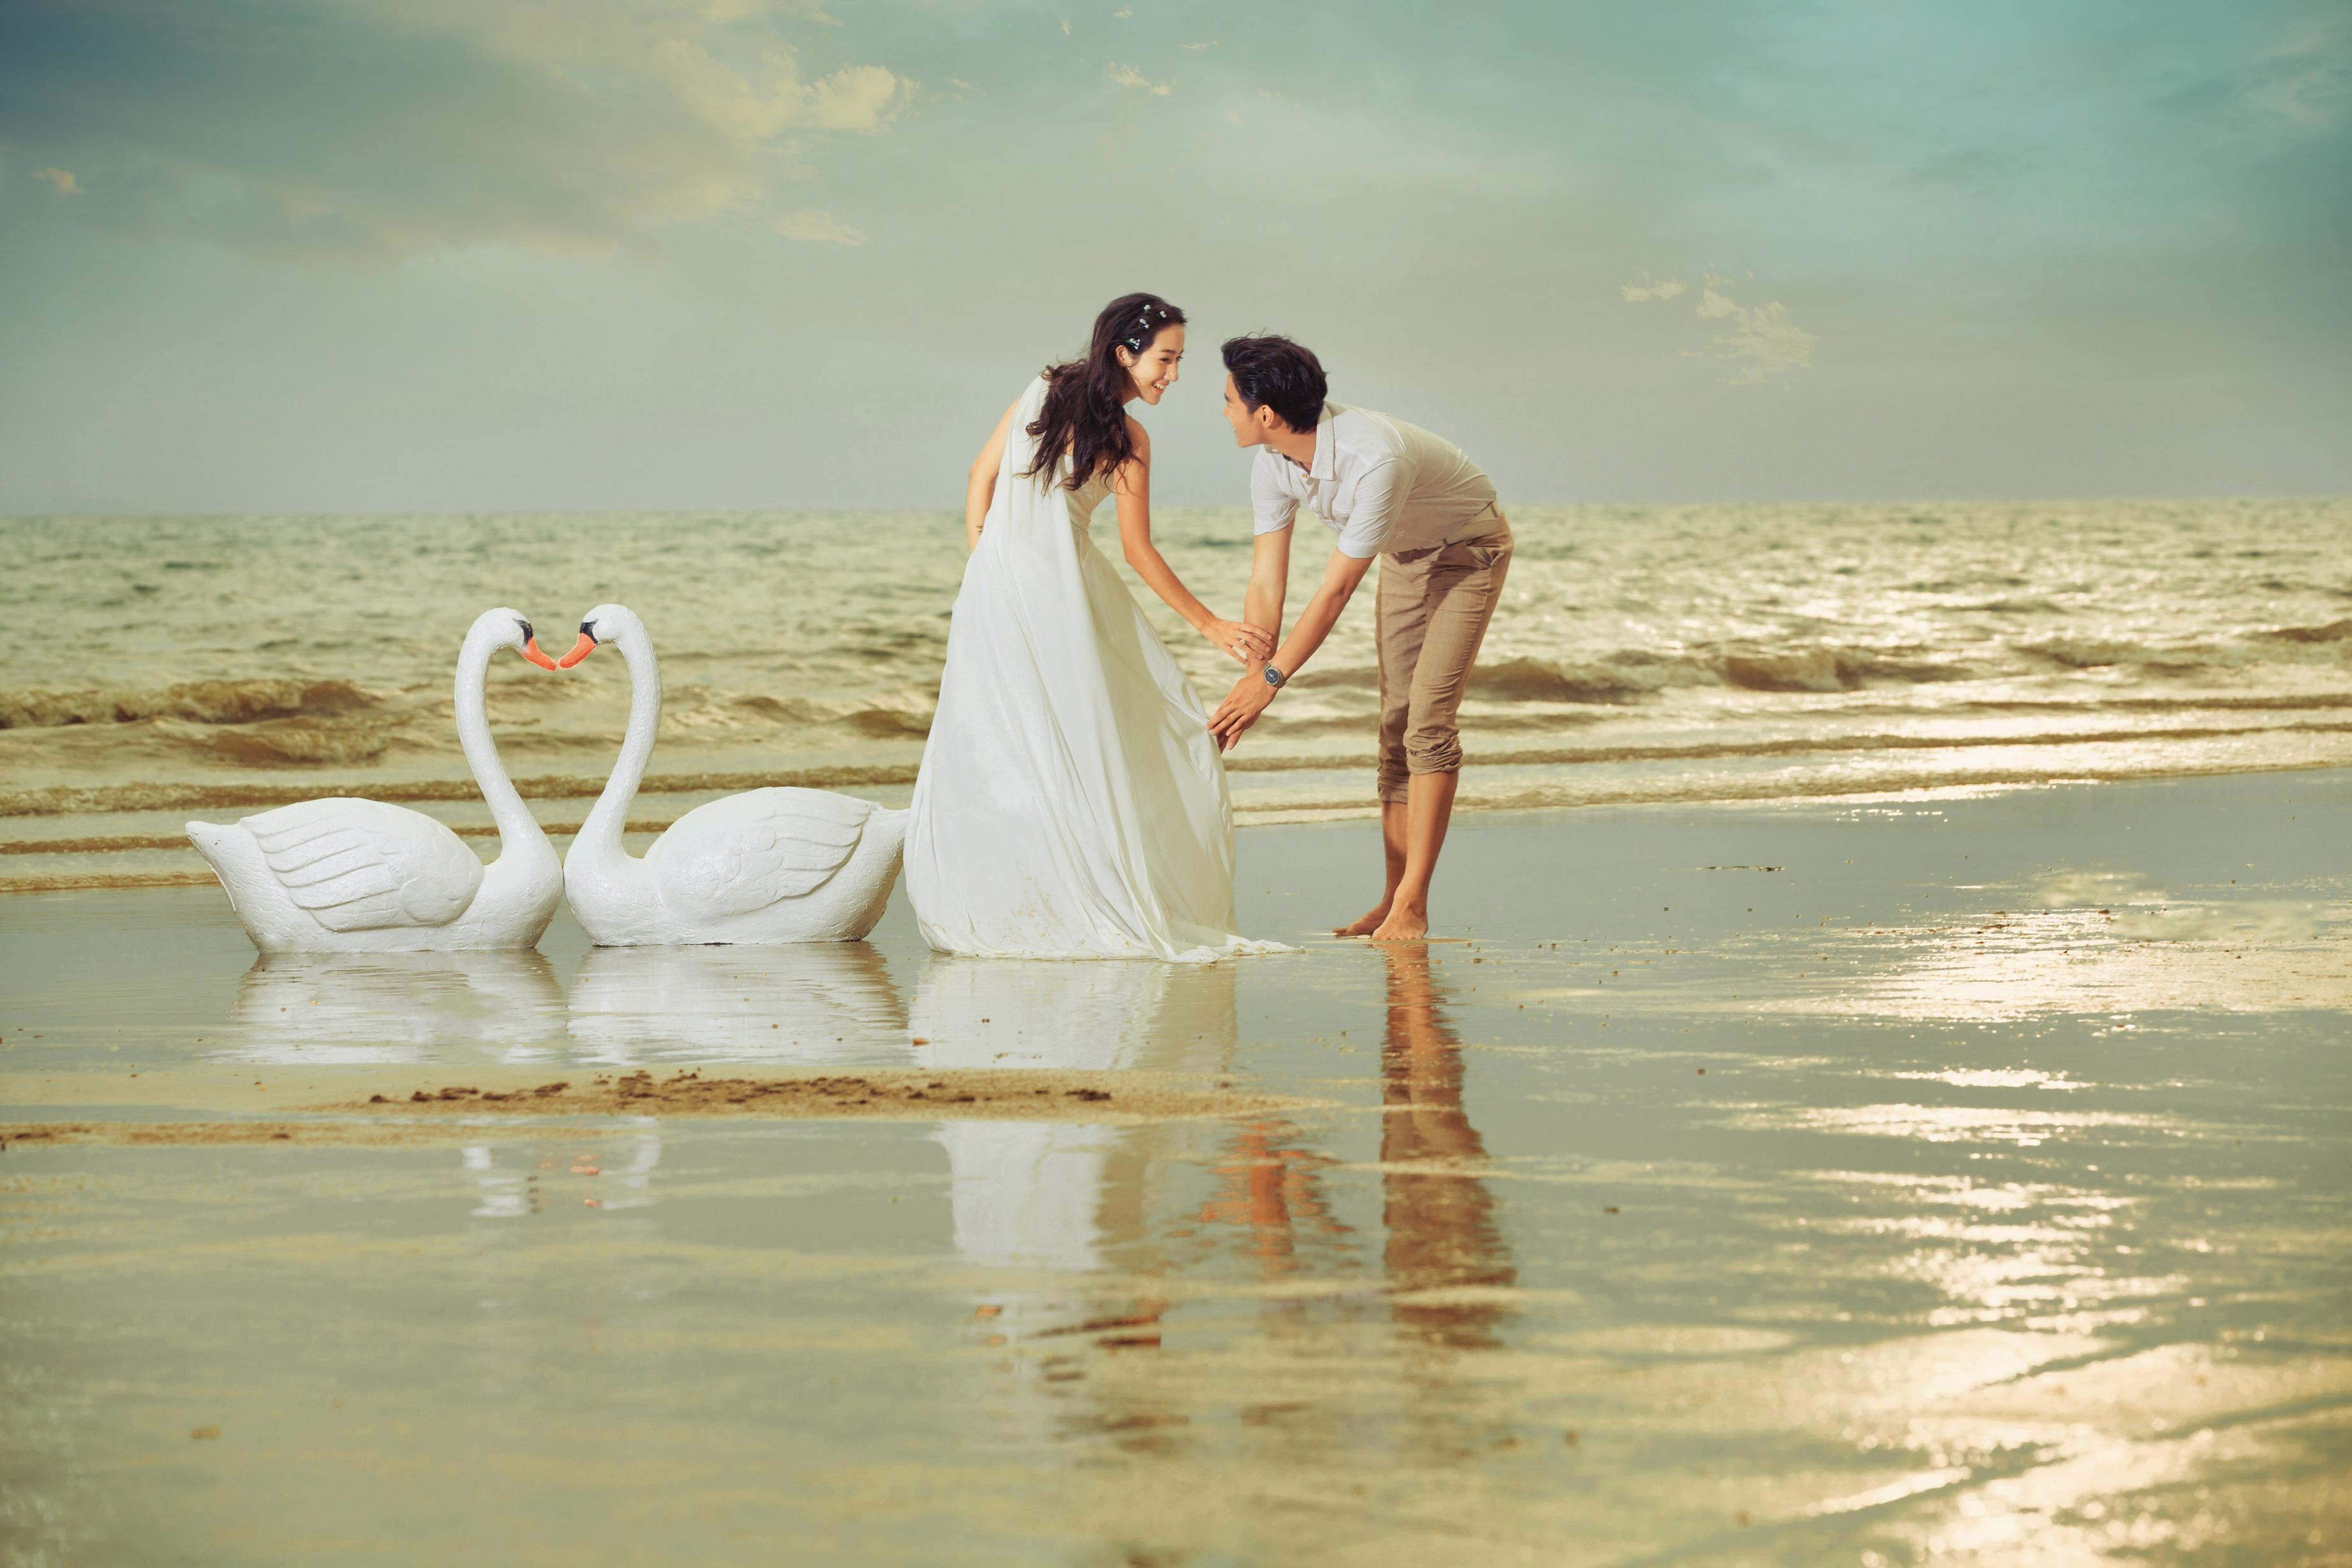 2017流行的婚纱照有哪些风格 郑州艾维美婚纱摄影